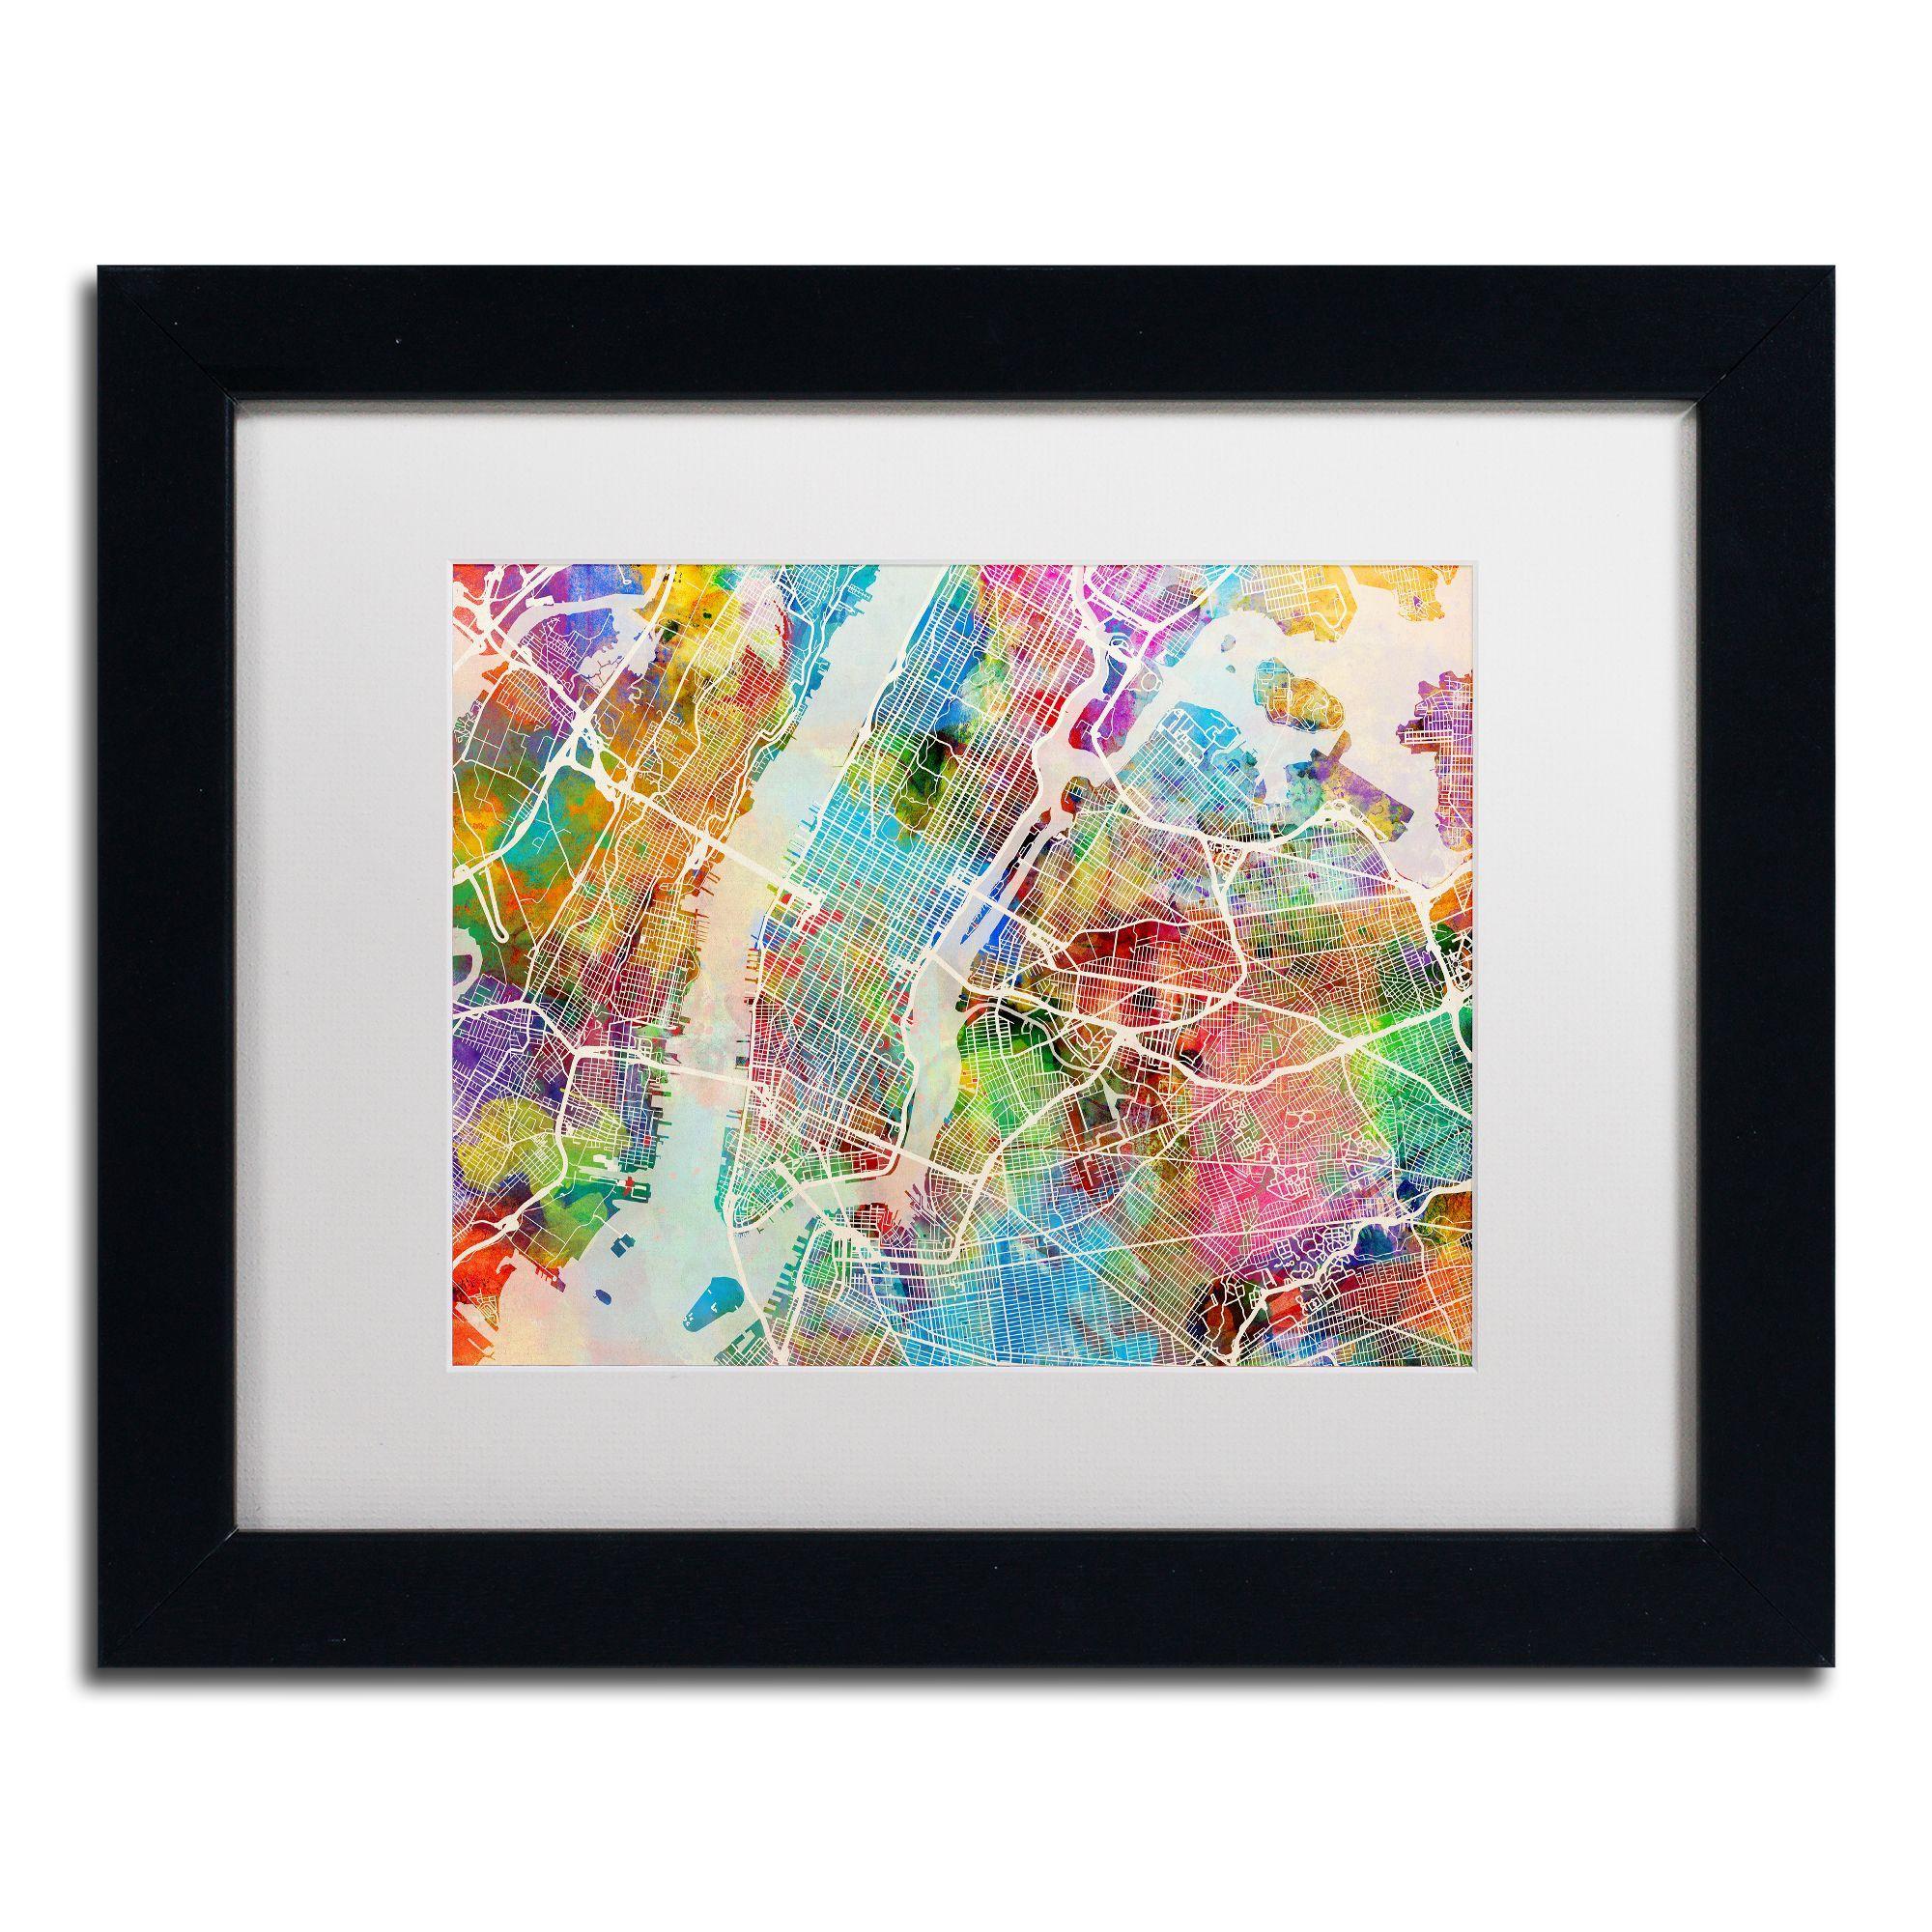 Michael tompsett unew york city street mapu white matte framed